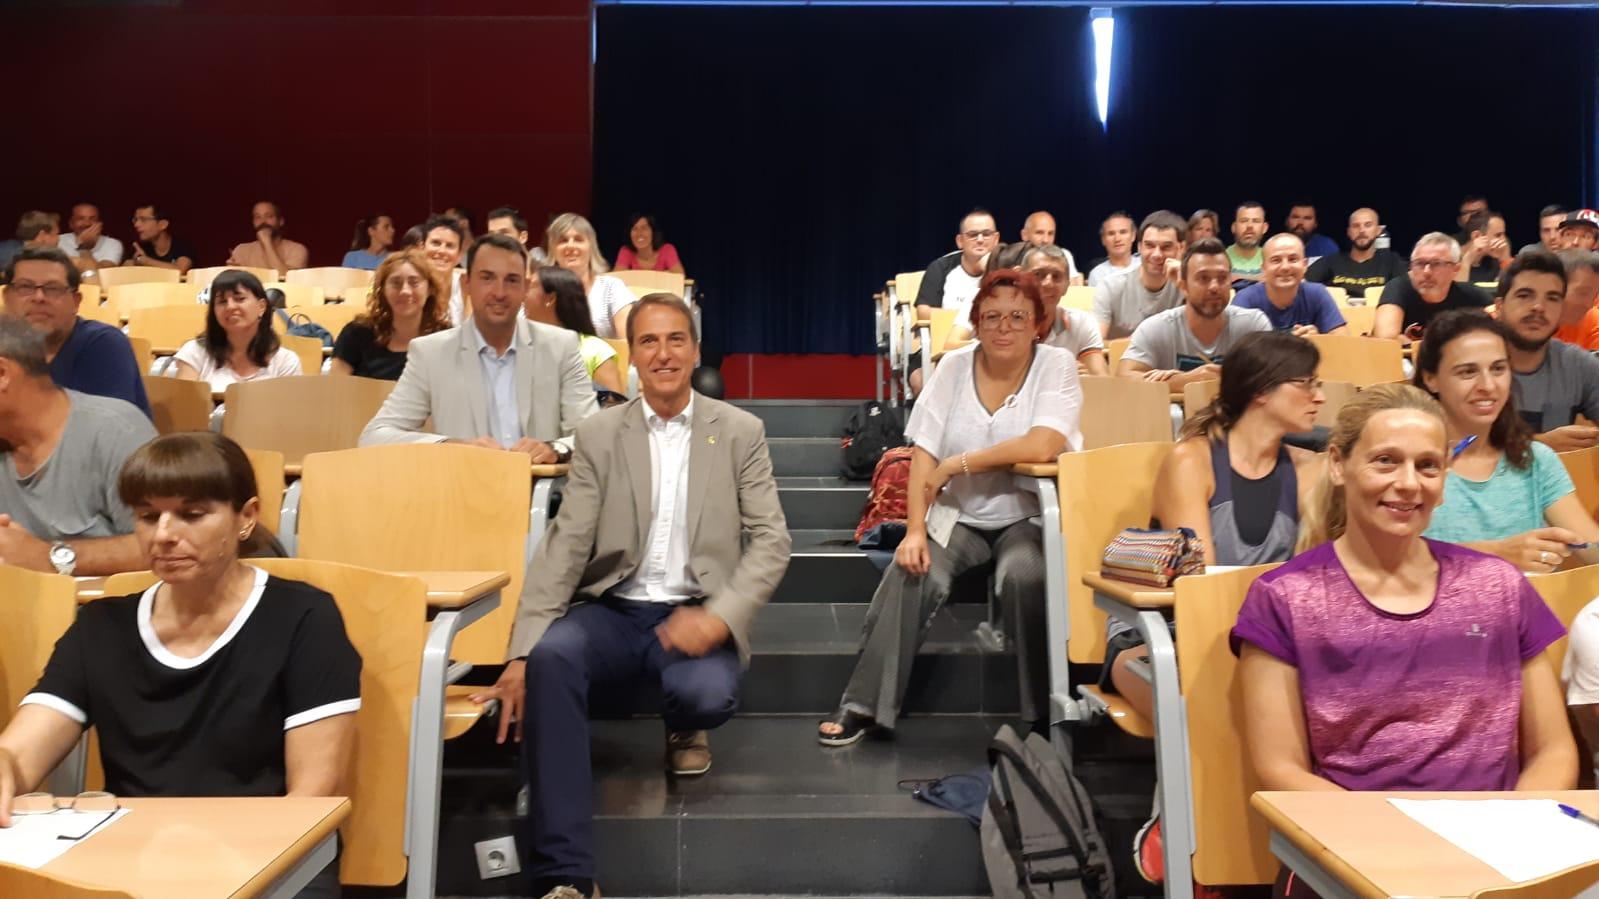 L'Escola Universitària de la Salut i l'Esport acull la II Jornada Formativa del Pla Català d'Esport a l'Escola (PCEE)